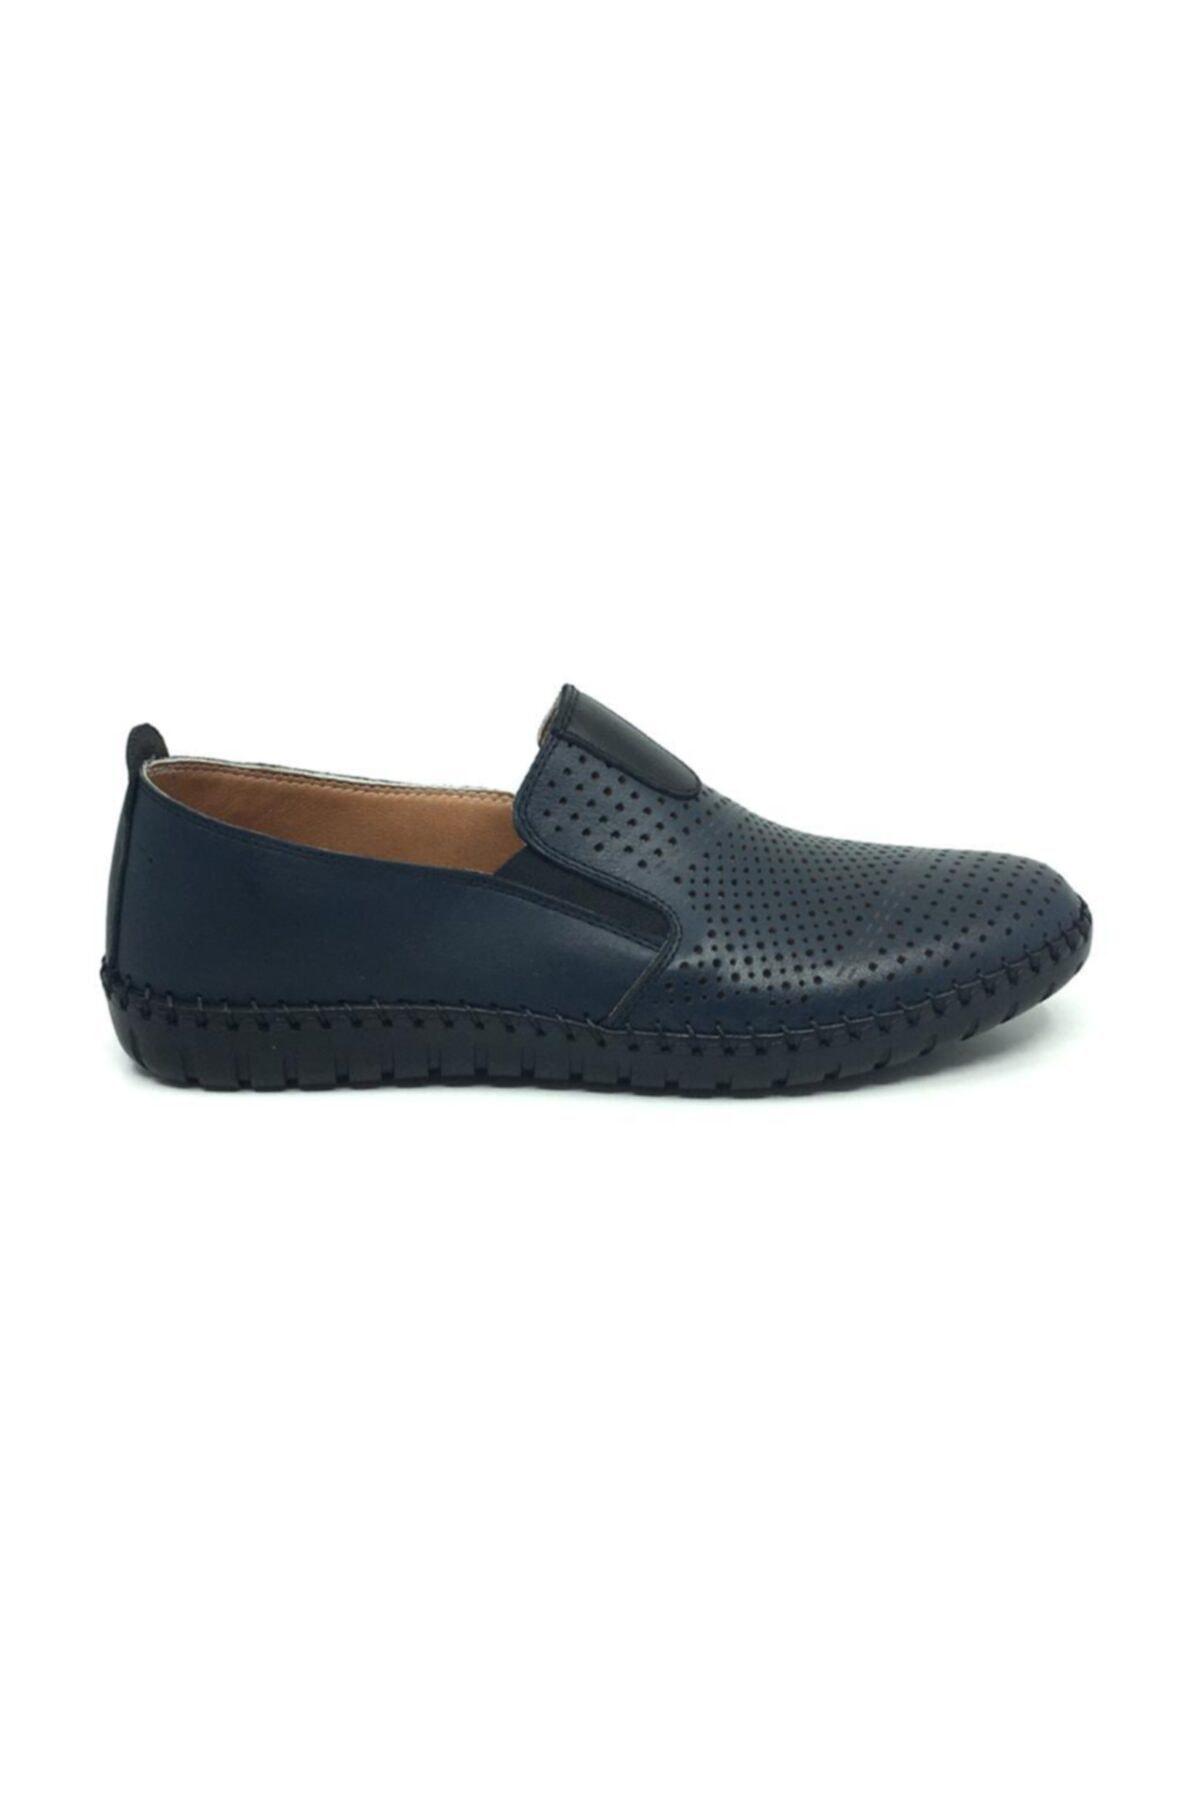 Taşpınar Erkek Lacivert Bağcıksız Yazlık Rahat Casual Ayakkabı 2